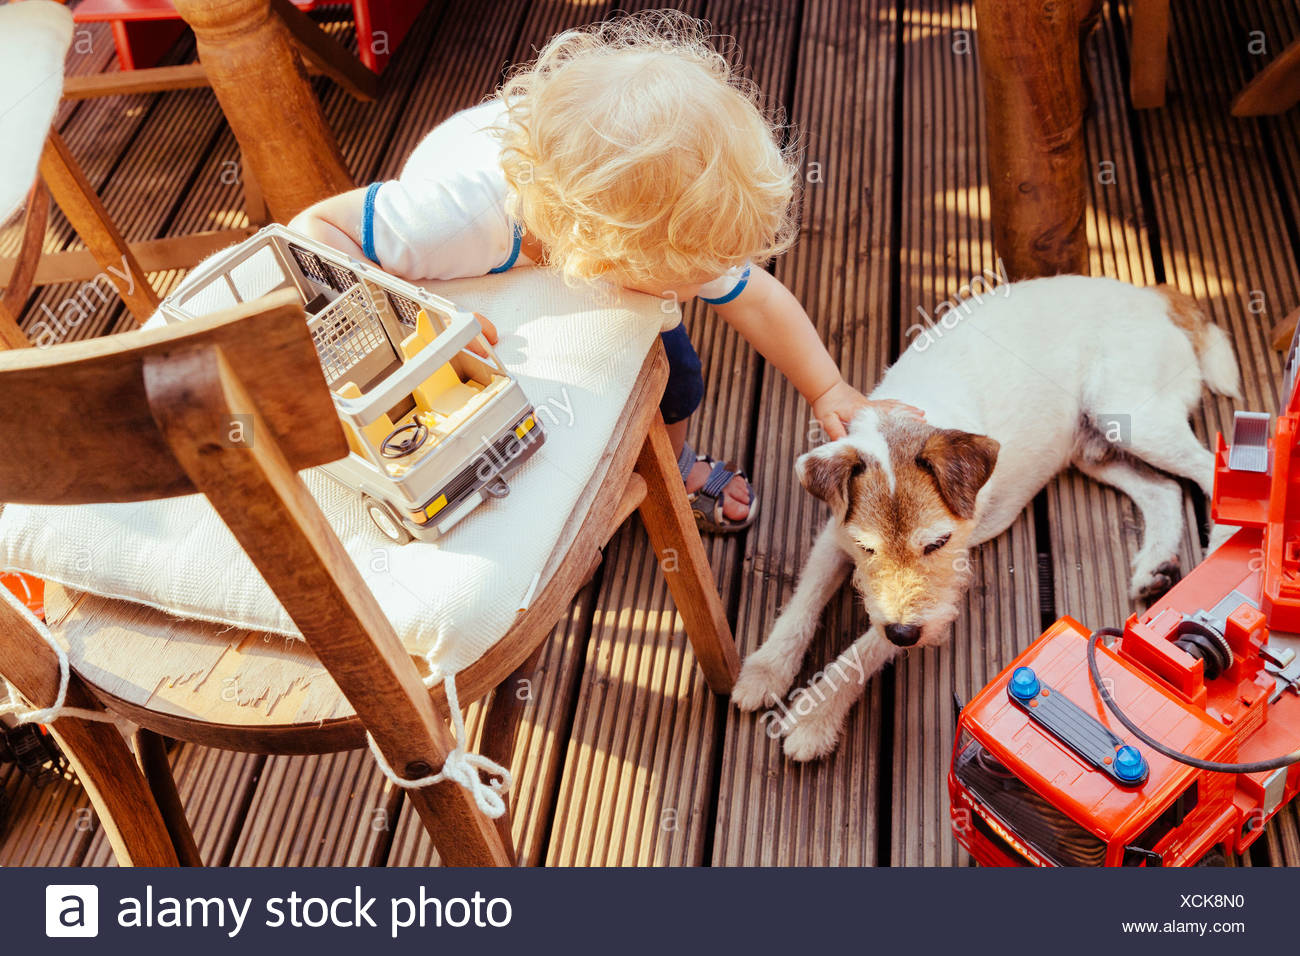 Kleiner Junge spielt mit Jack Russel Terrier und Fahrzeug Spielzeug, erhöht, Ansicht Stockbild